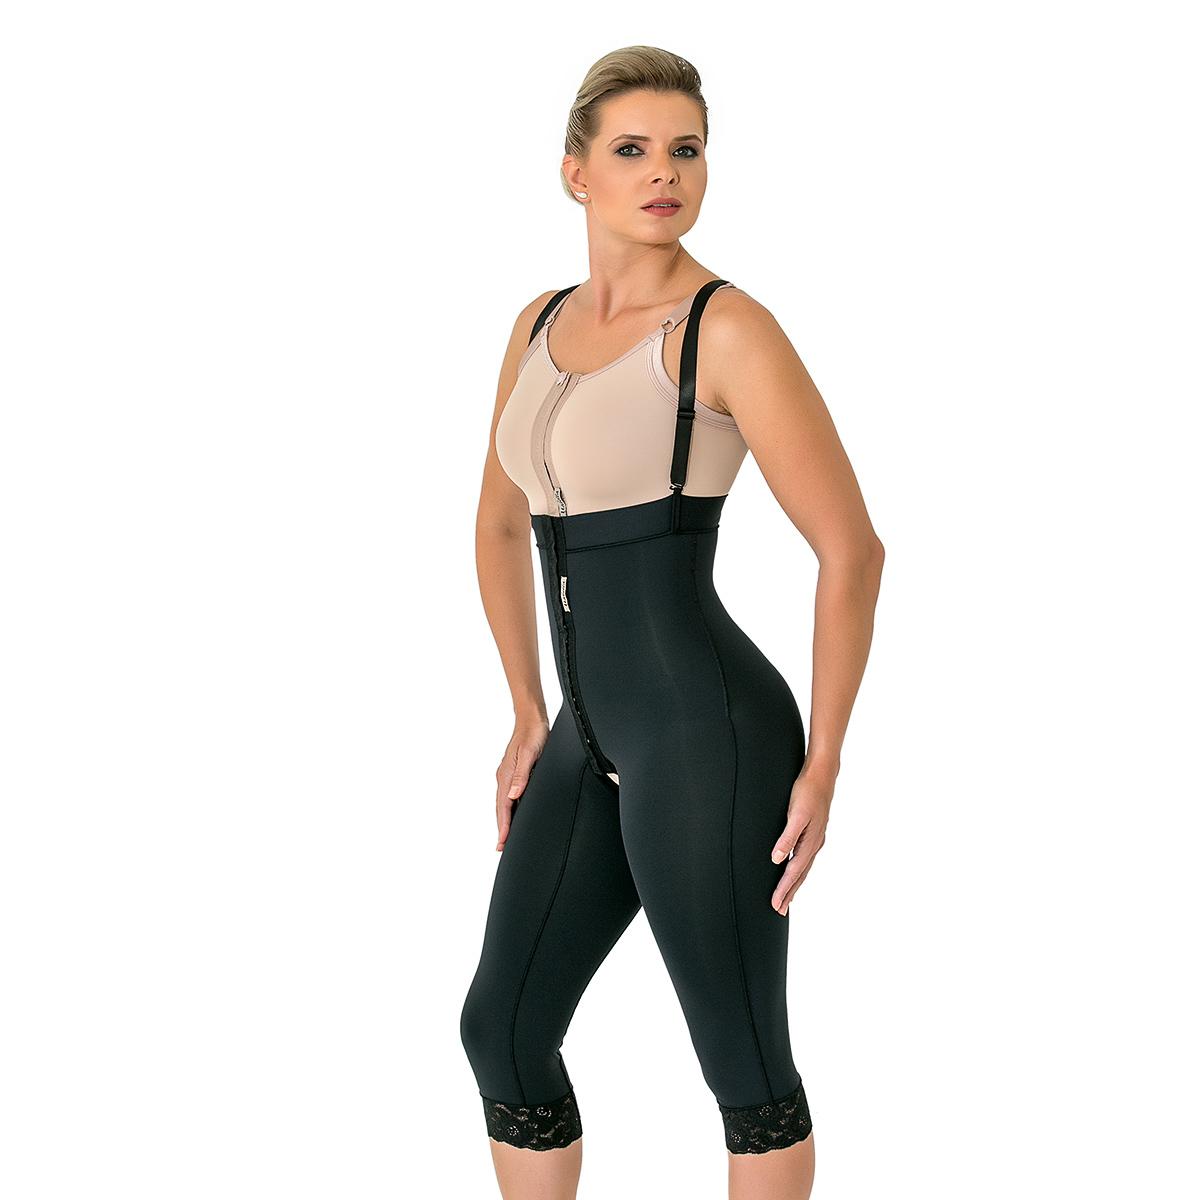 Modelador Mabella Calça Culote 1091 Cintura alta c perna abaixo do joelho abertura frontal  - Cinta se Nova